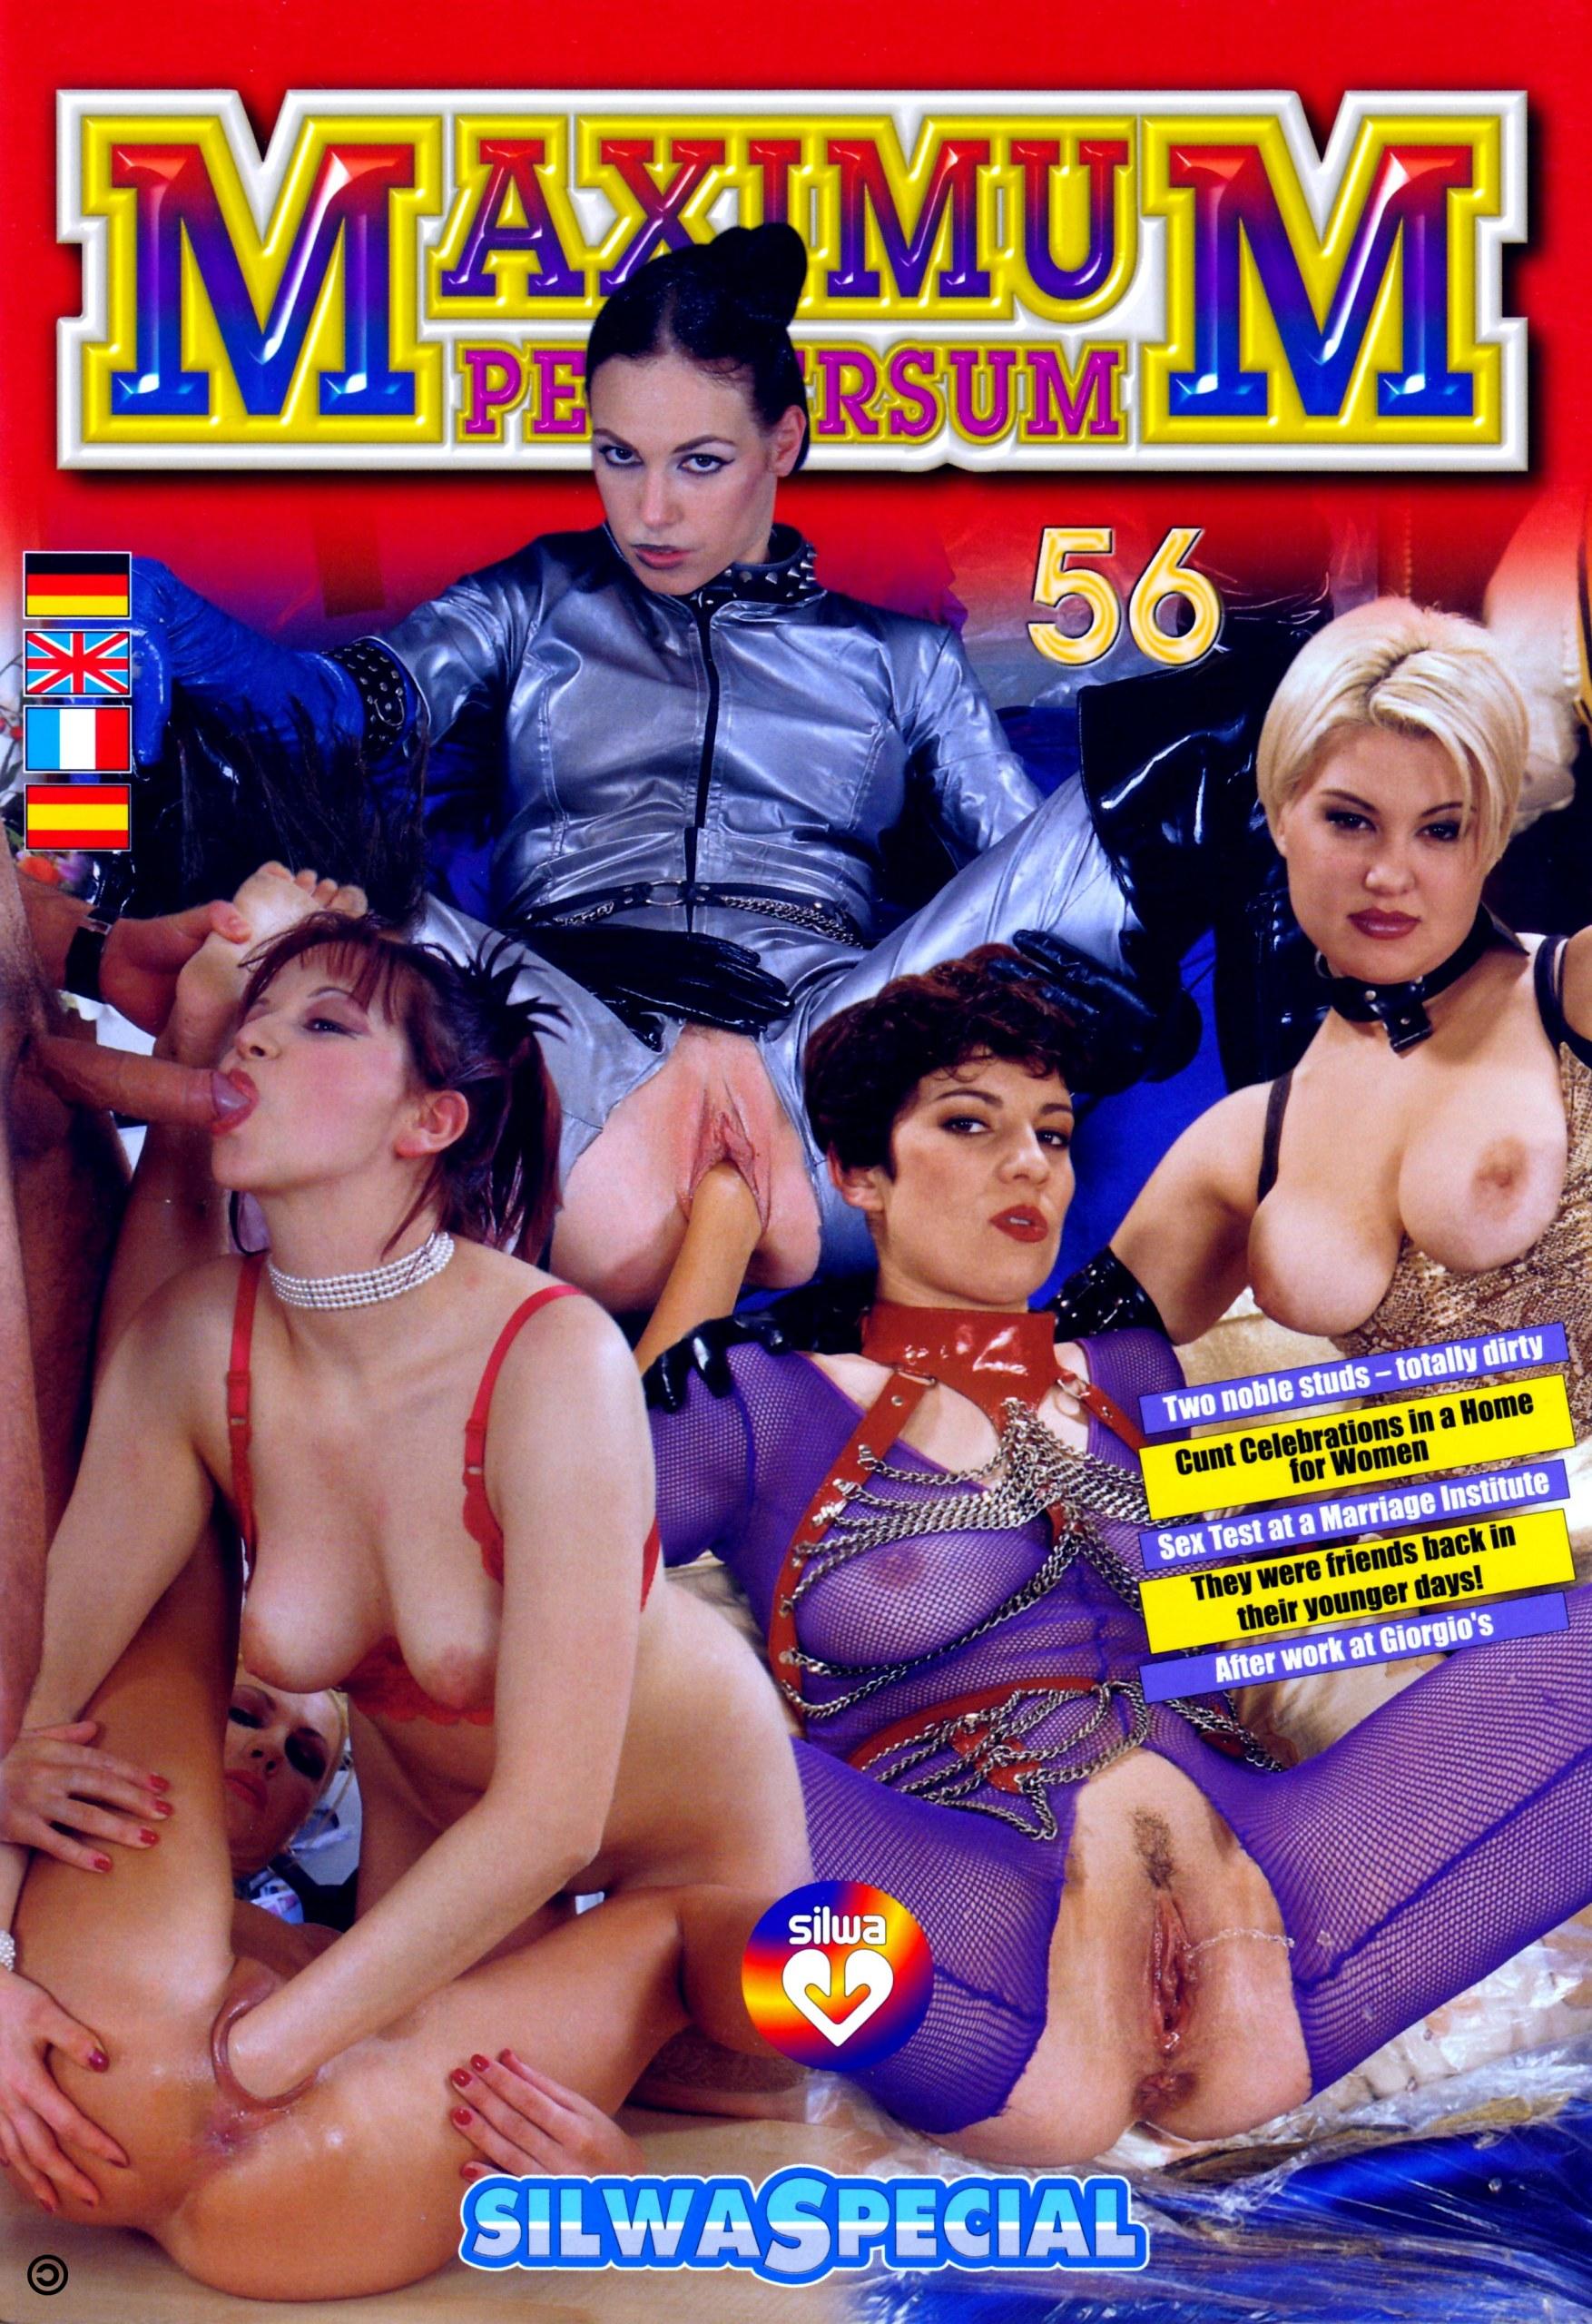 10093103_40016_magazine_scans_-_silwa_-_maximum_perversum_56_-_01_123_613lo.jpg